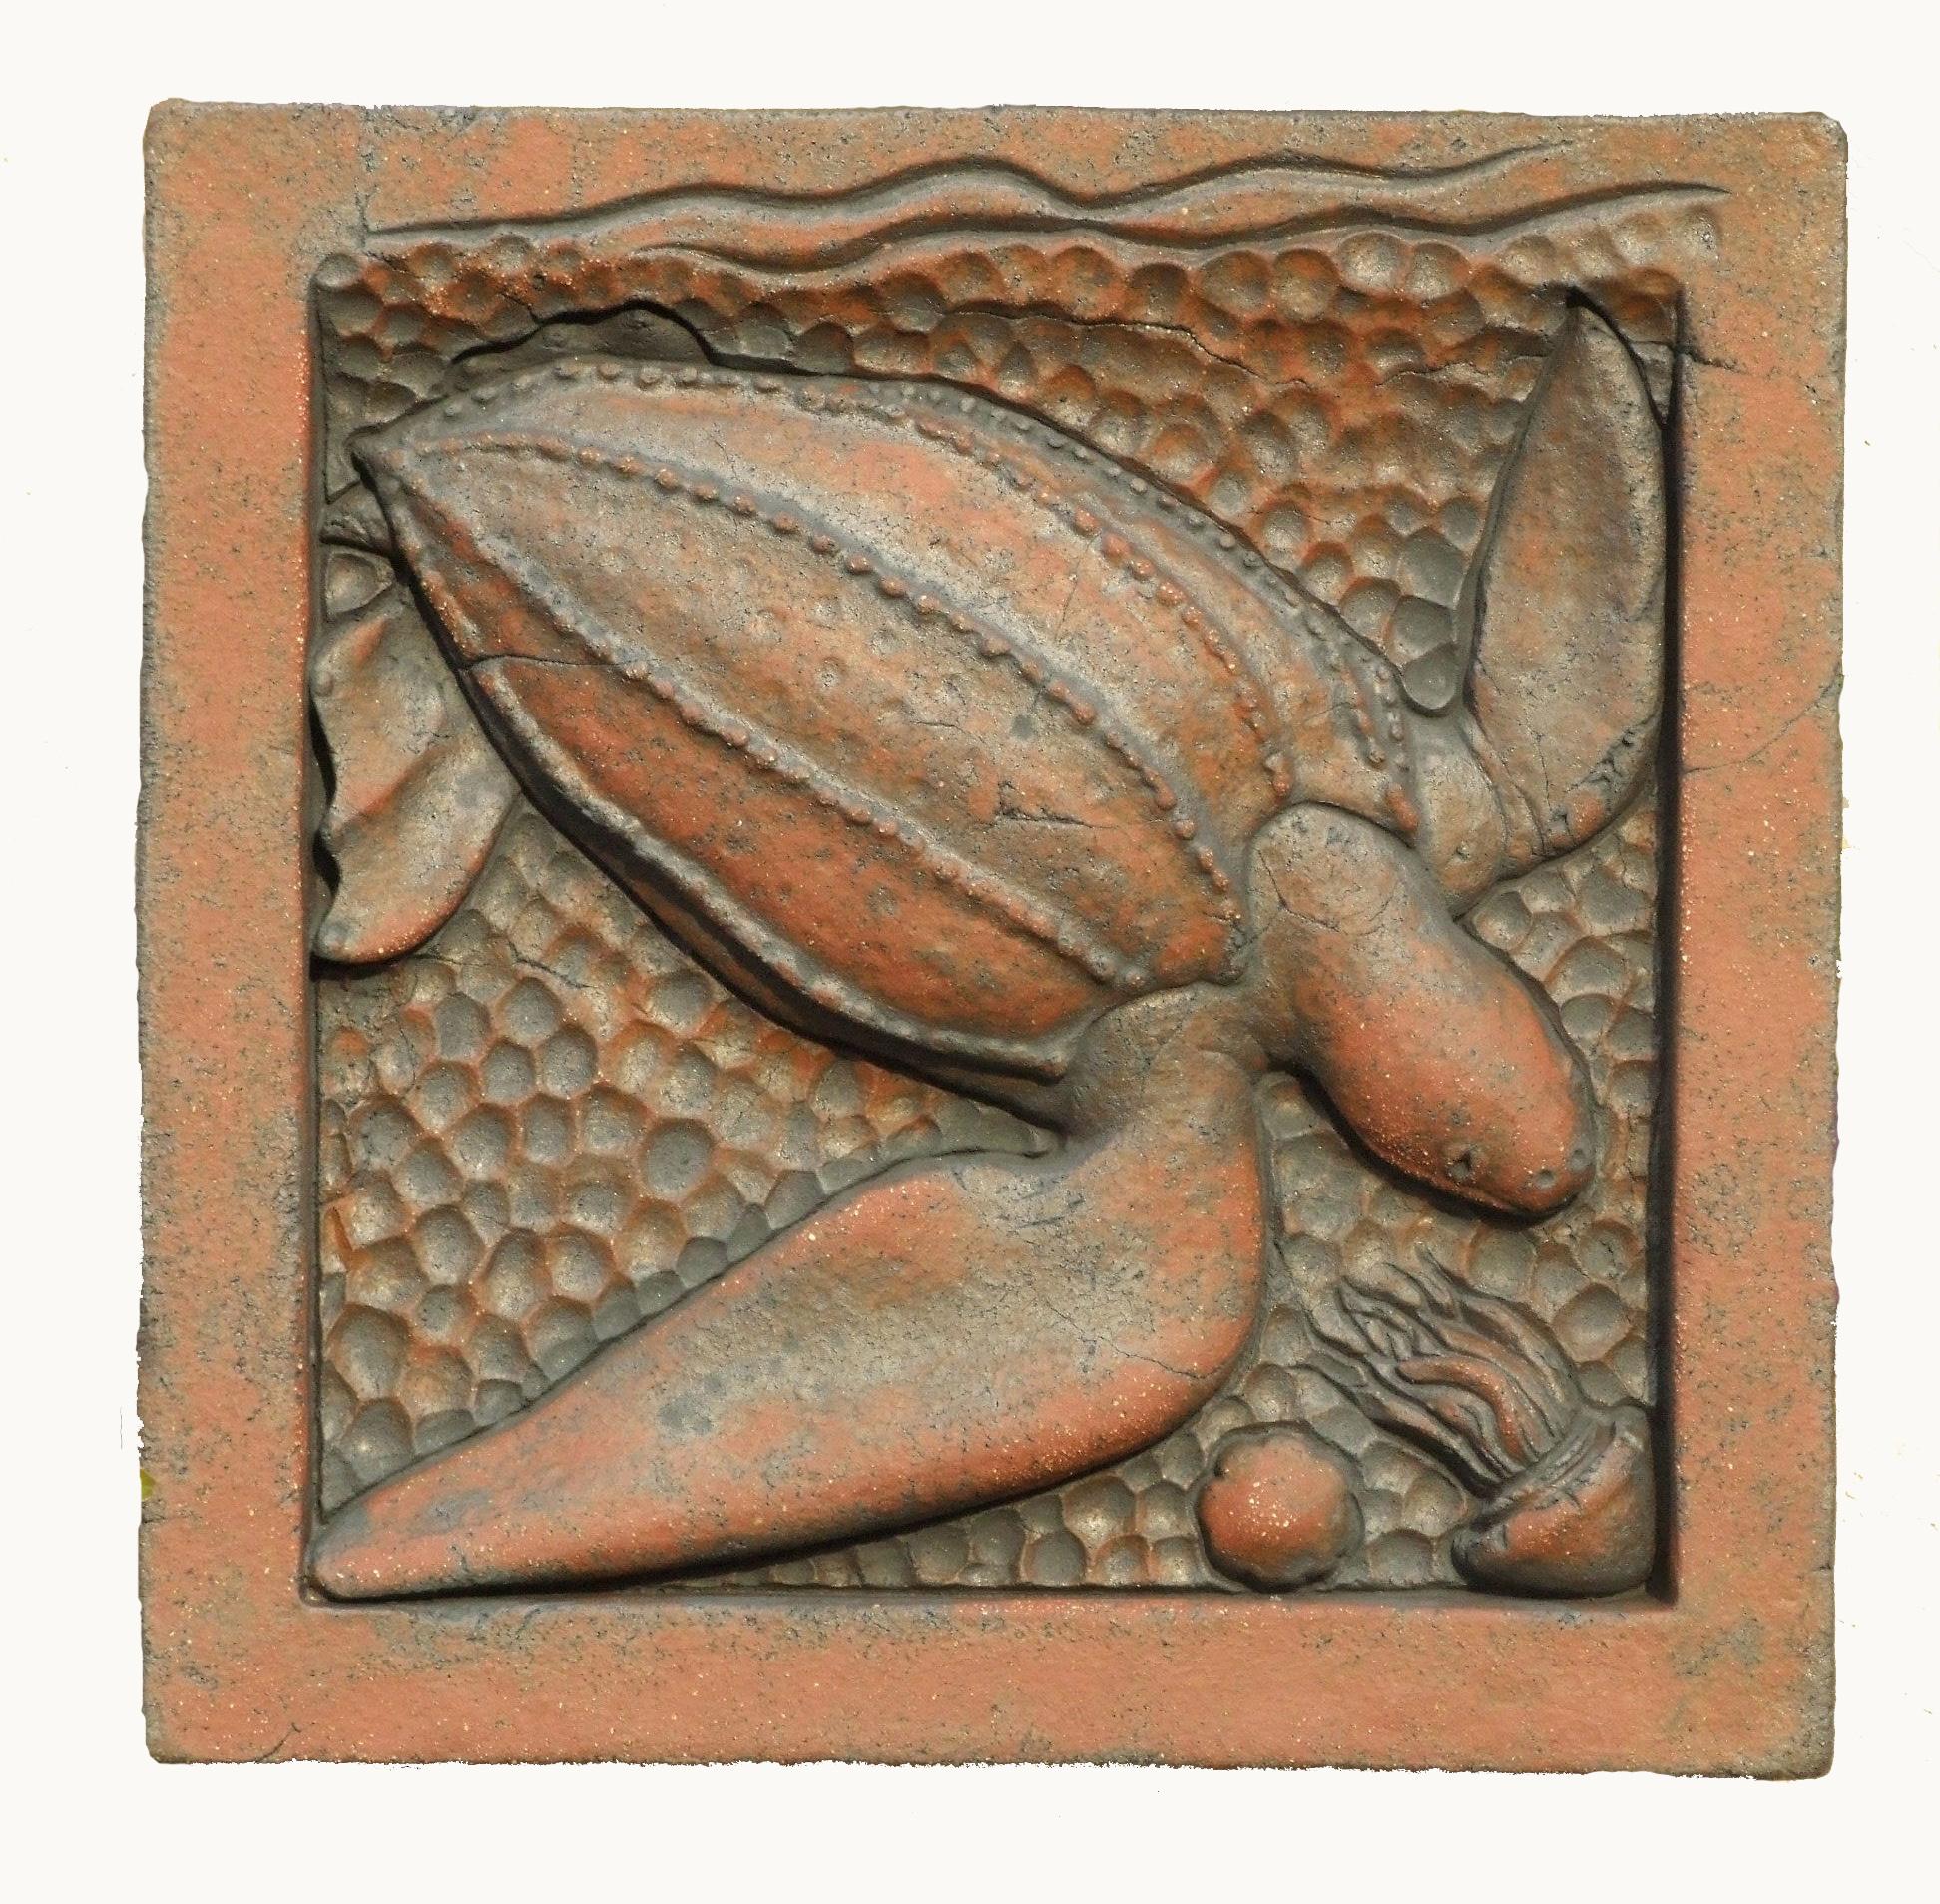 Leatherback Turtle in terracotta